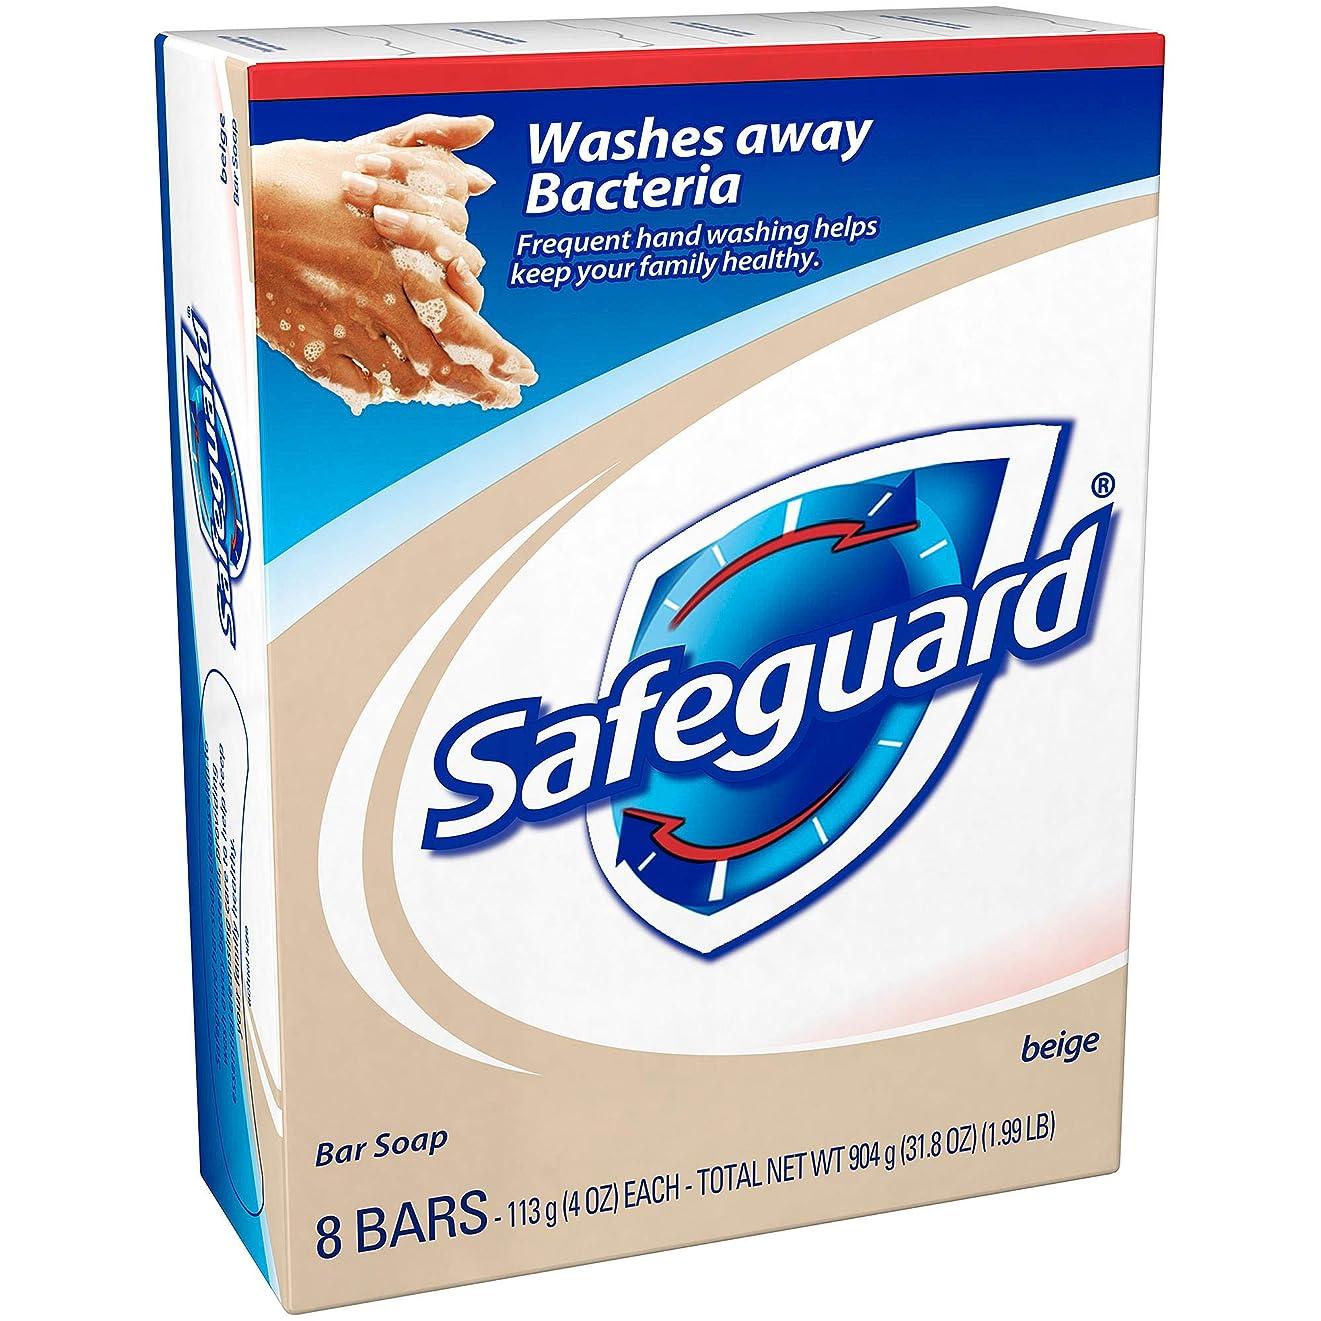 ハイキング気づく帆Safeguard 抗菌消臭石鹸、4つのオズバー、8 Eaは(4パック)